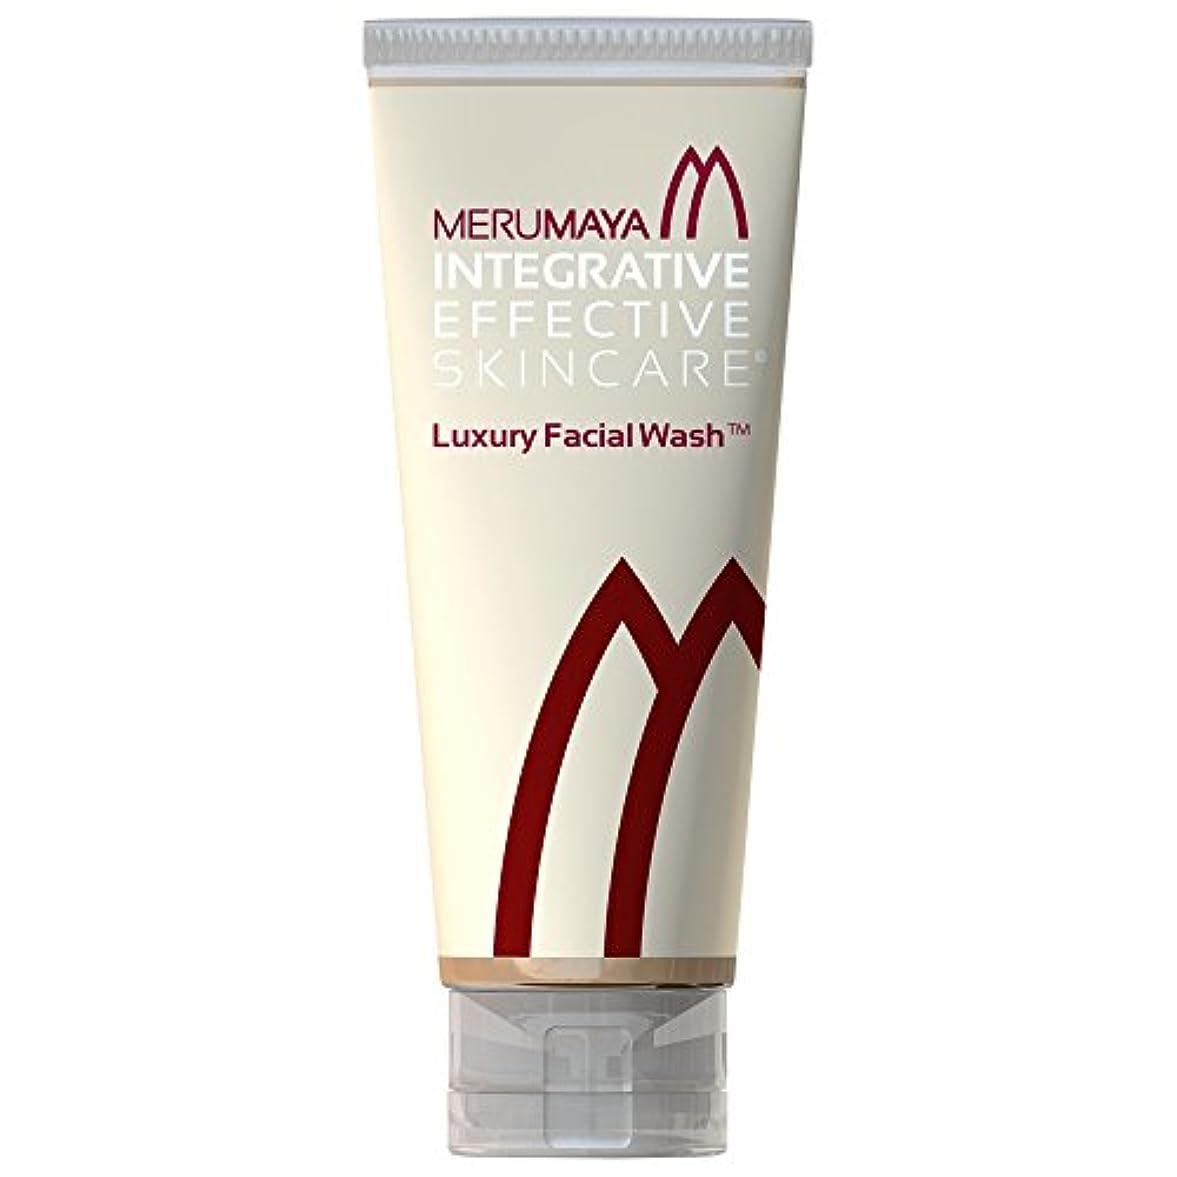 ペルメル同一のスラックMerumaya高級洗顔?、100ミリリットル (Merumaya) - MERUMAYA Luxury Facial Wash?, 100ml [並行輸入品]